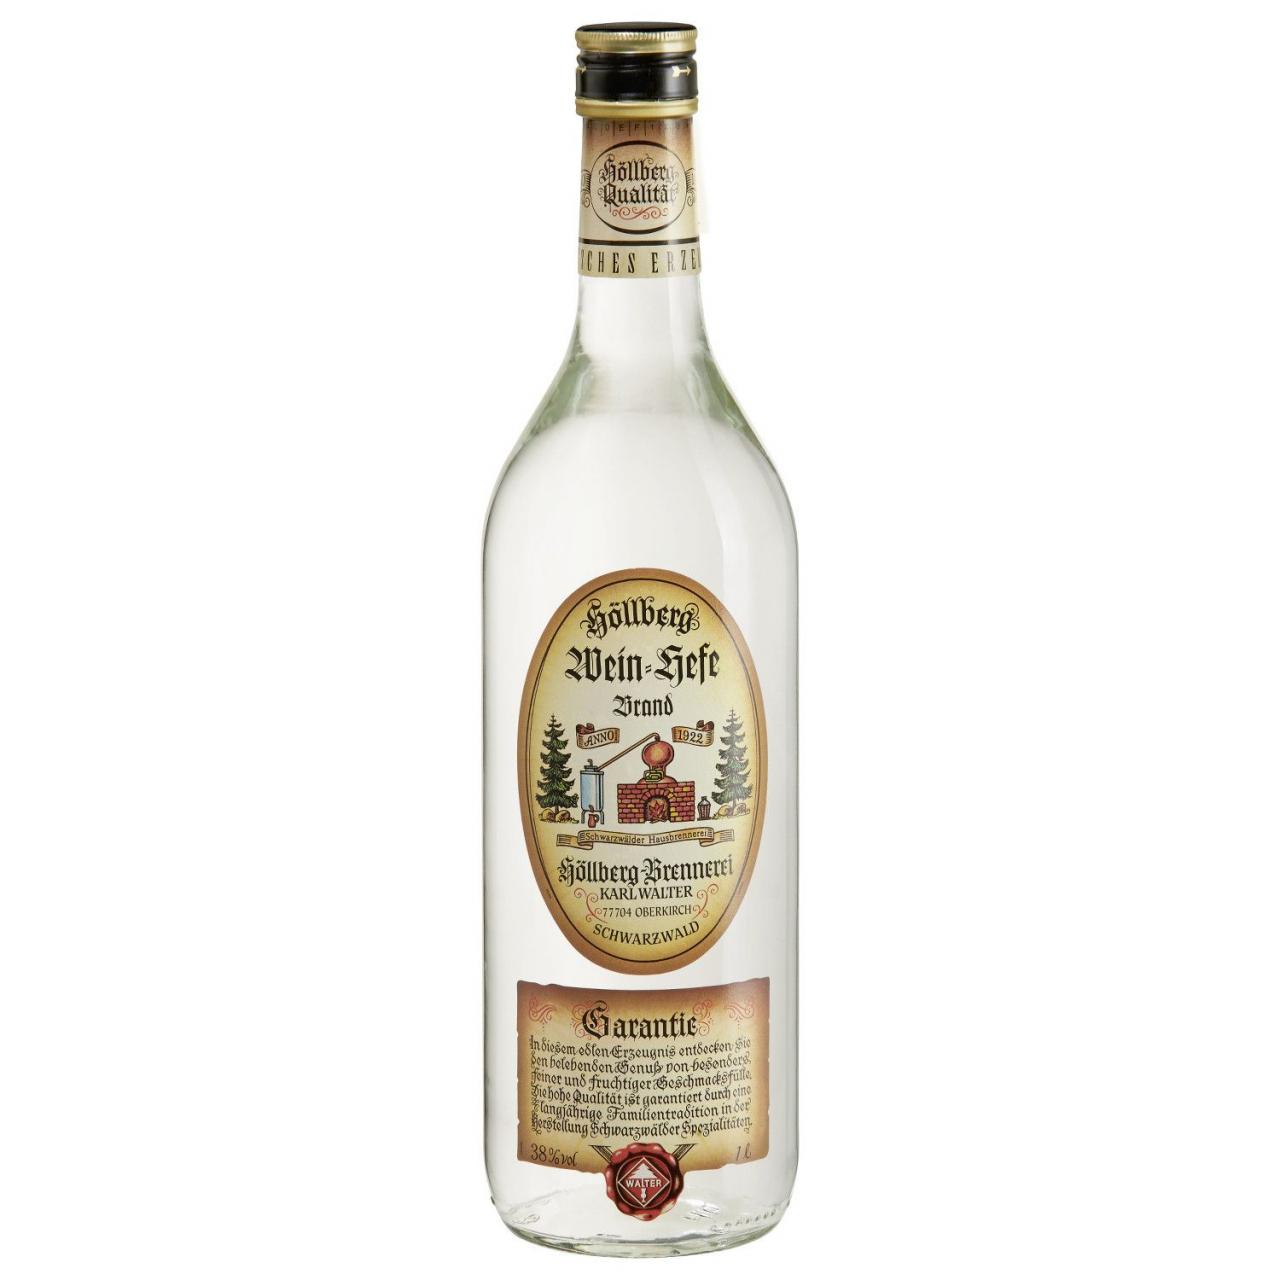 1,0 Liter Flasche Höllberg Weinhefe-Brand